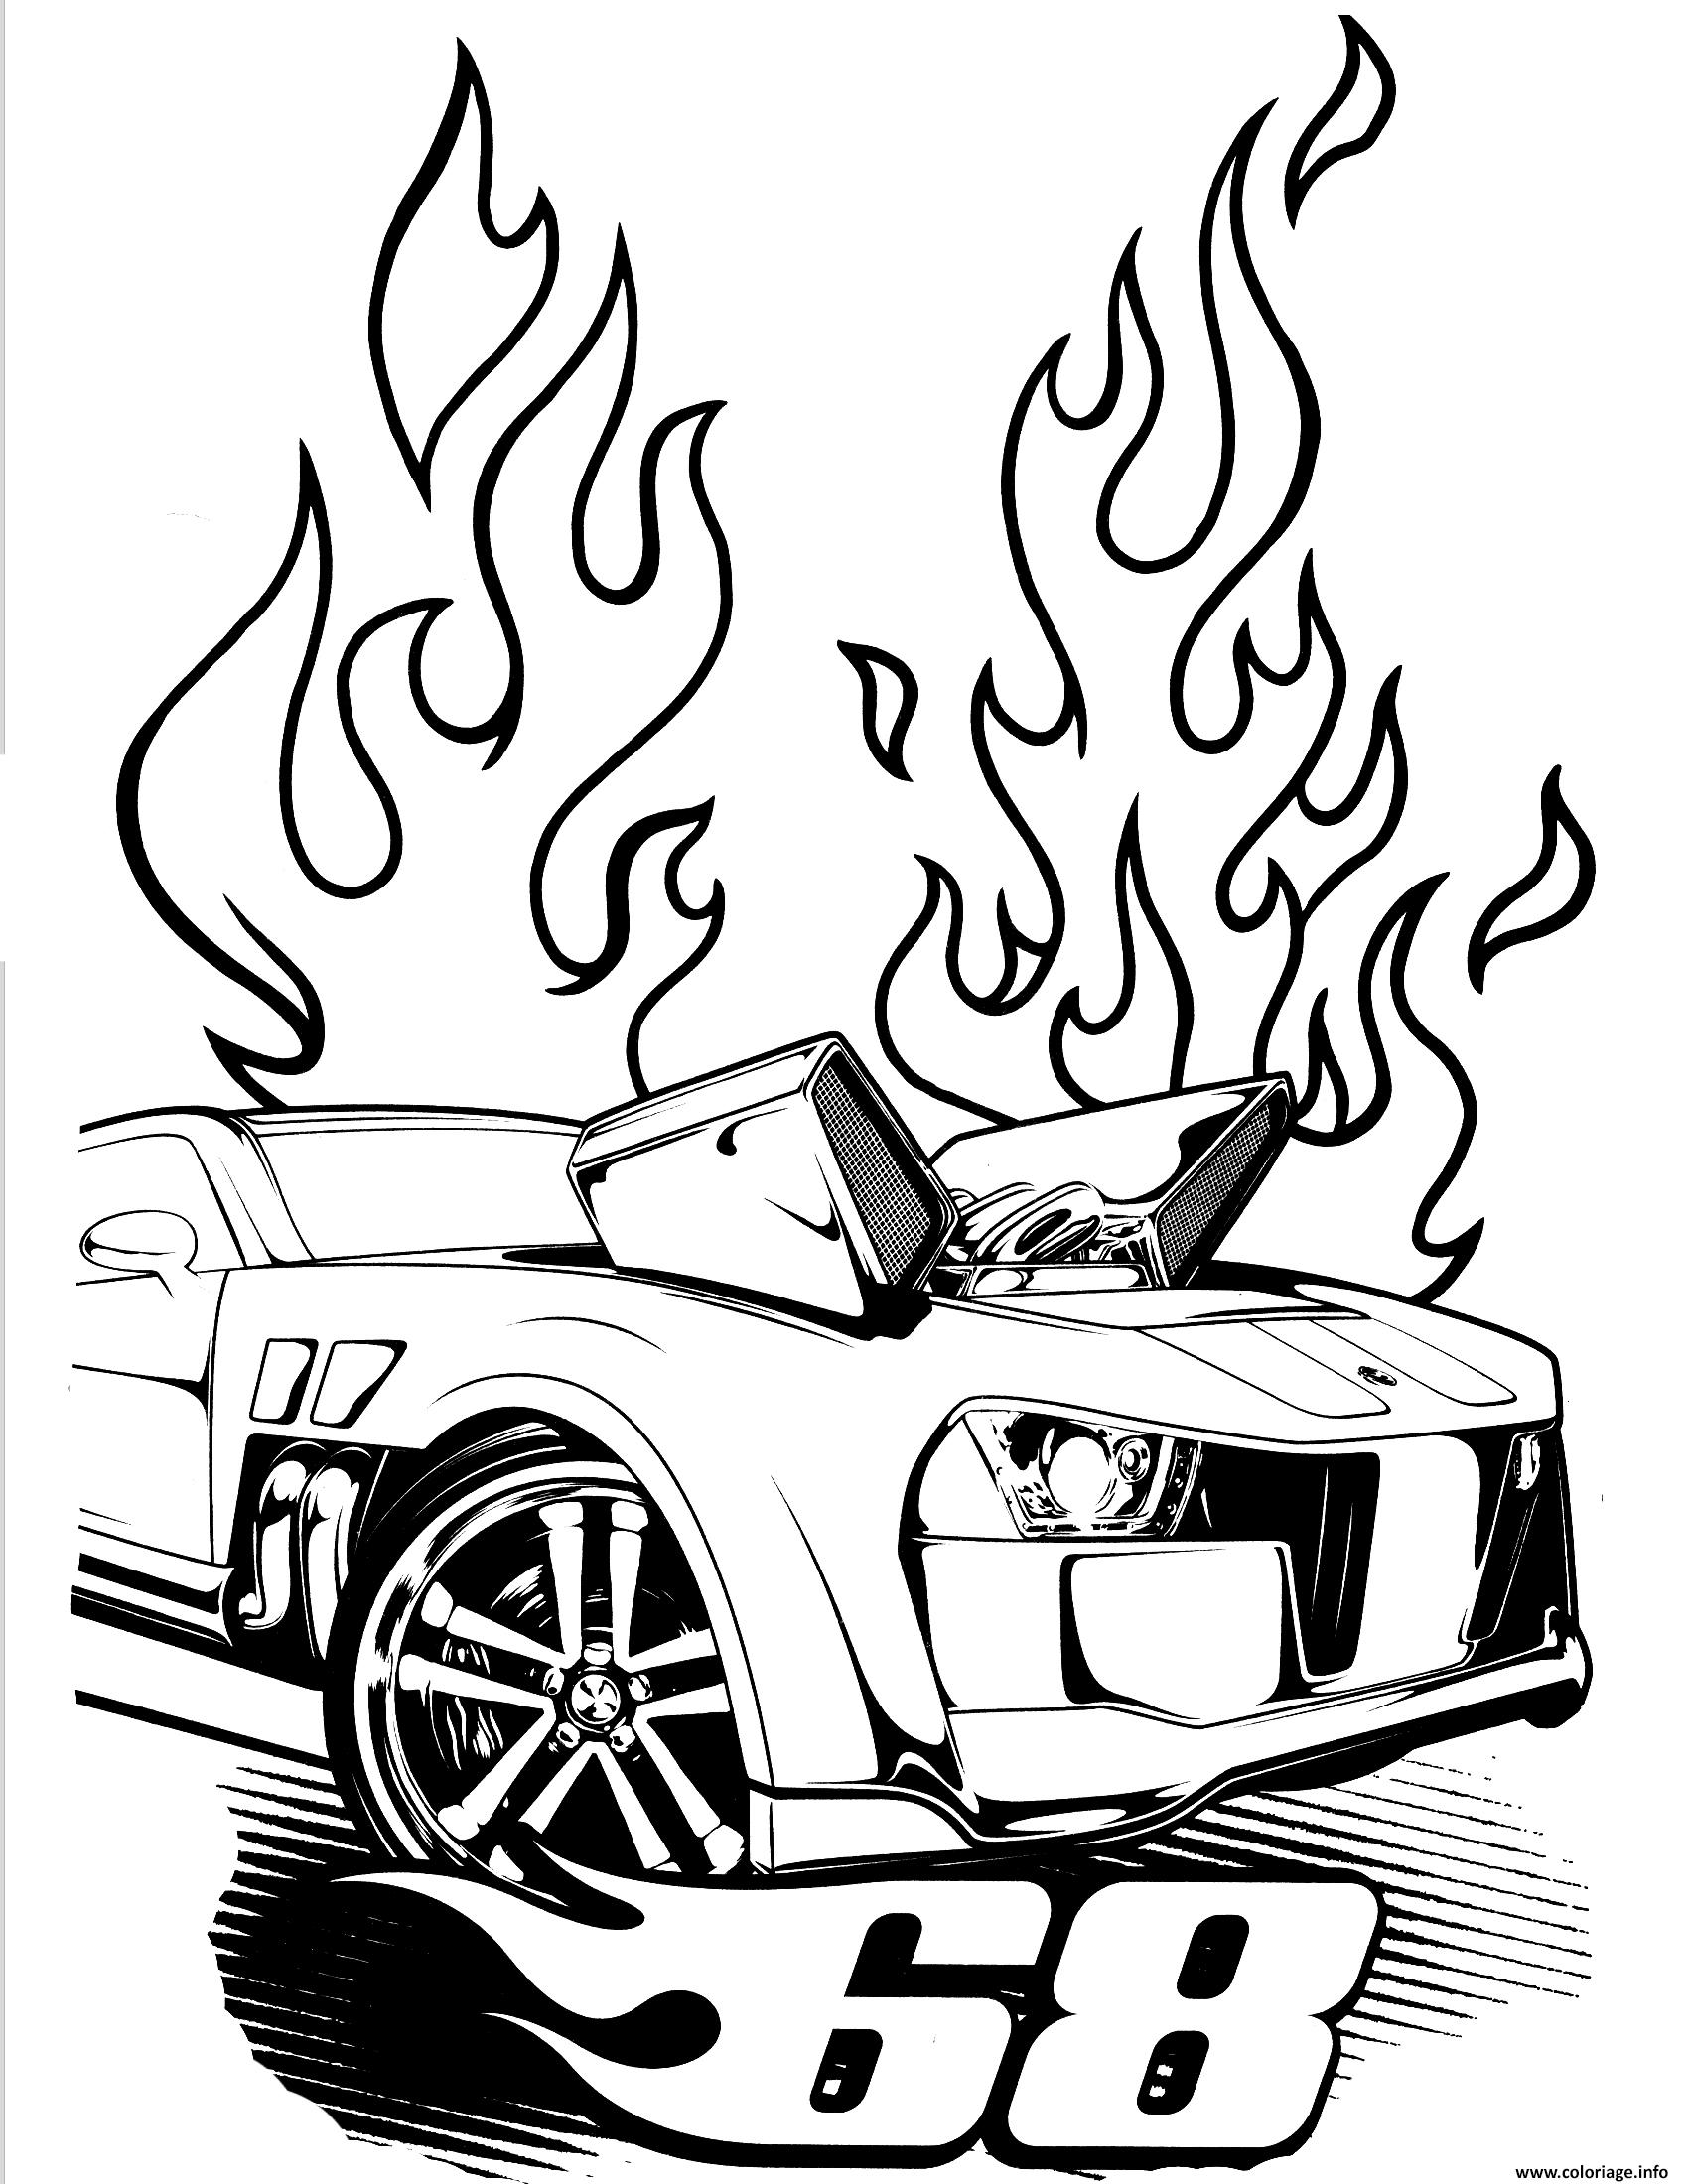 Dessin hot wheels pontiac g8 Coloriage Gratuit à Imprimer